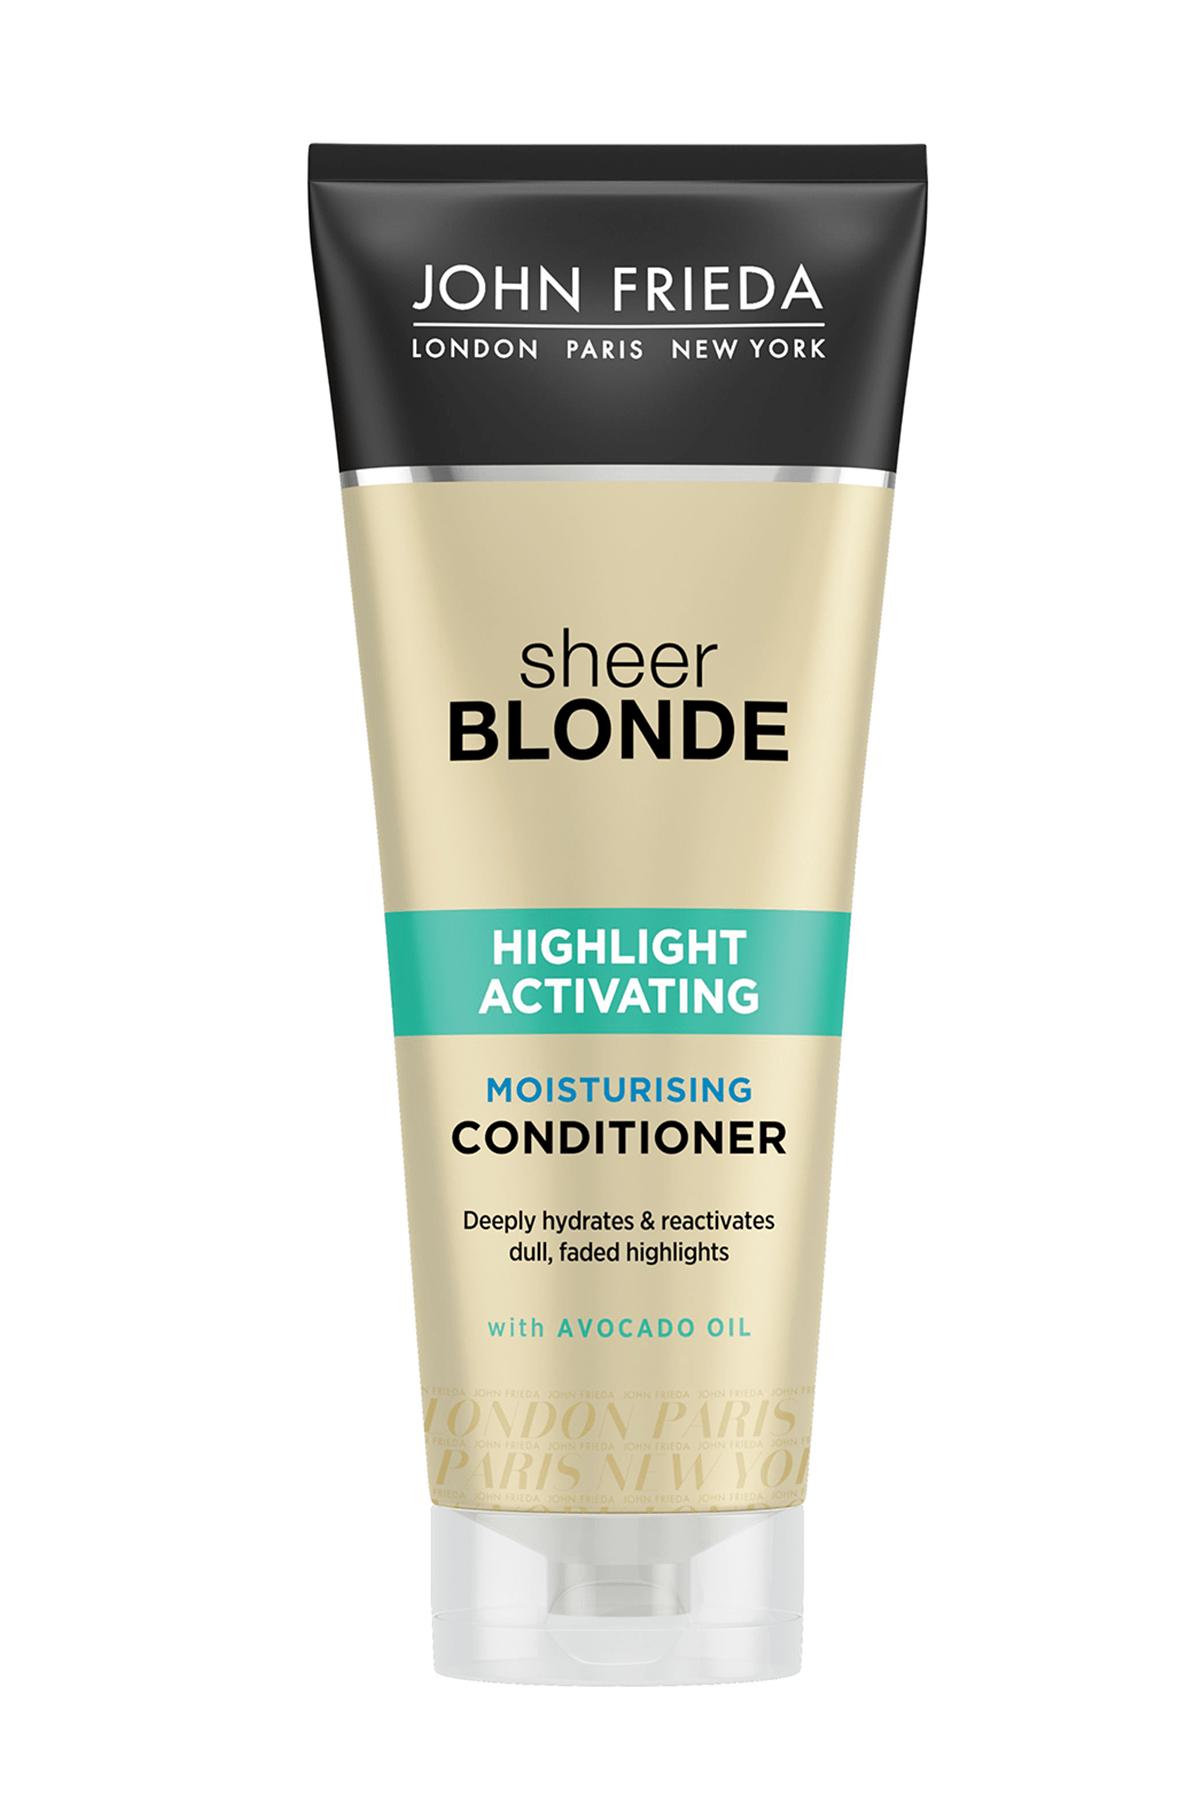 John Frieda Sarı Saçlara Özel Cansız Ve Rengi Solmuş Işıltılar İçin Renk Canlandırıcı Saç Bakım Kremi 250 ml 0